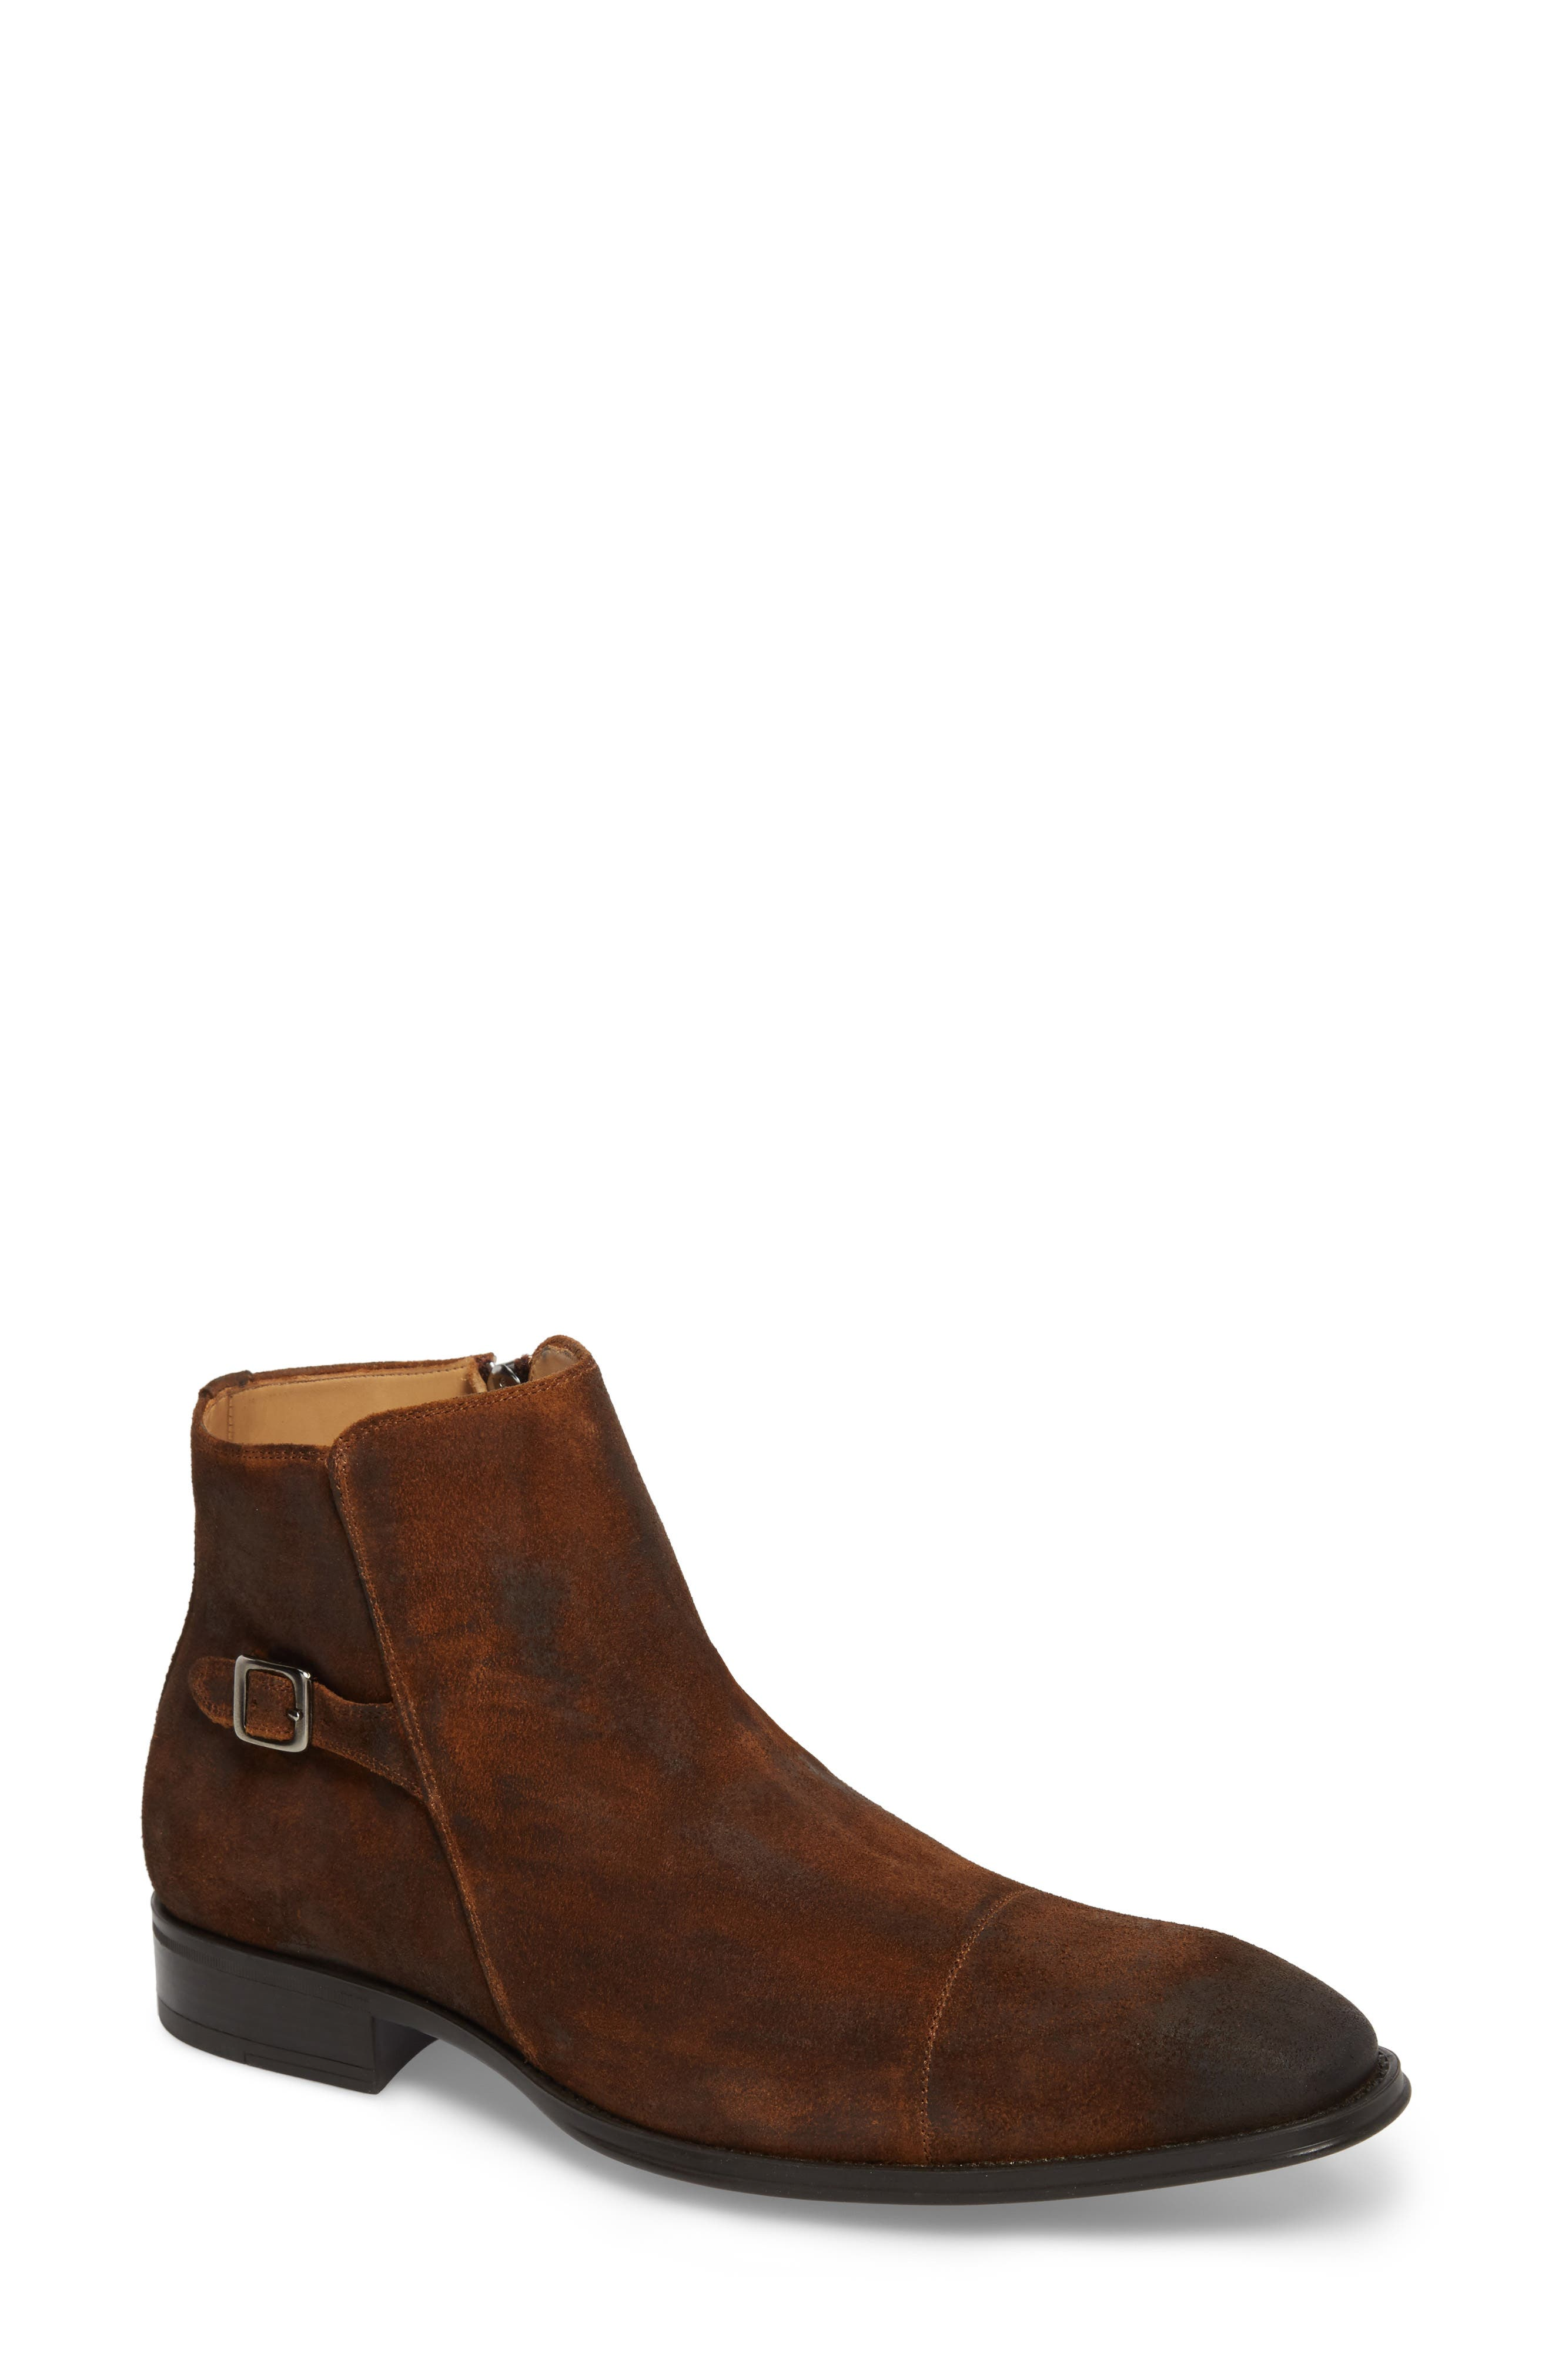 Lucena Zip Boot,                         Main,                         color, COGNAC SUEDE